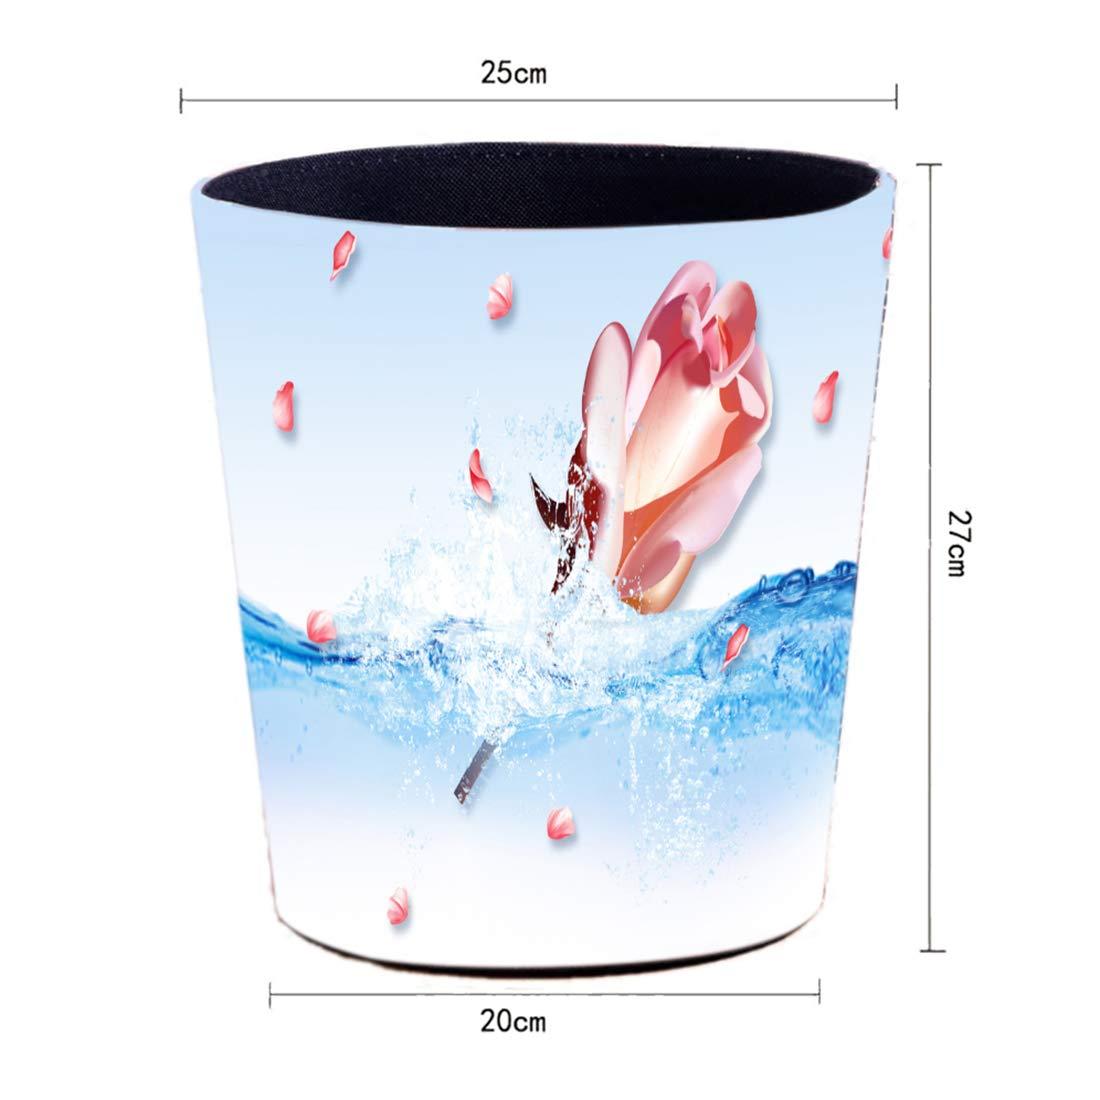 Searchyou 10 litros Papelera Impermeable de Estilo Europeo Cubos de Basura sin Tapa Papelera para Oficina Cocina PU Papelera